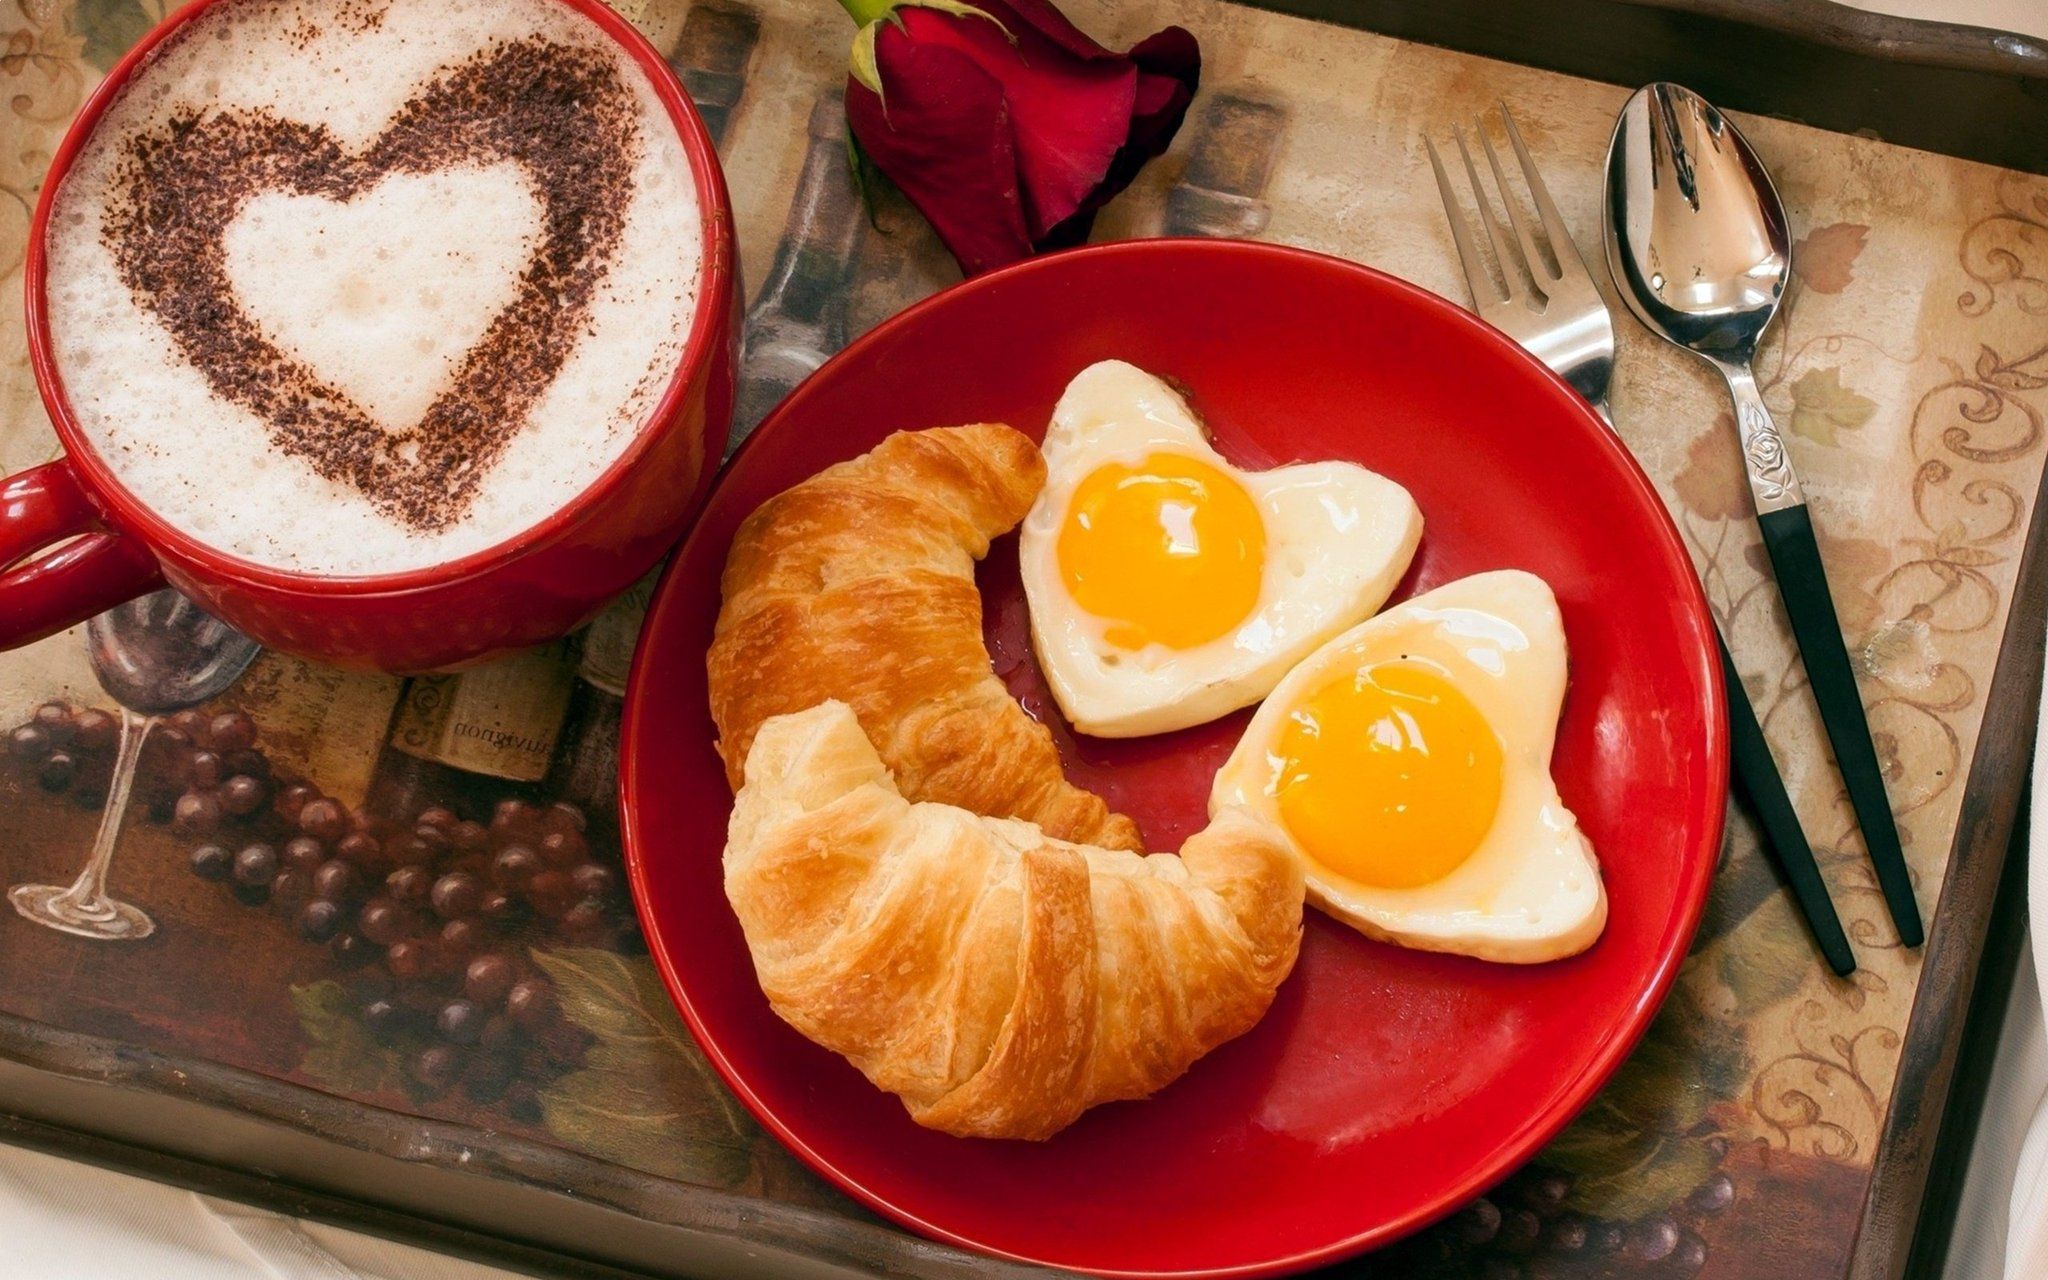 арт-среде завтрак для любимого мужа с фото советы подготовке